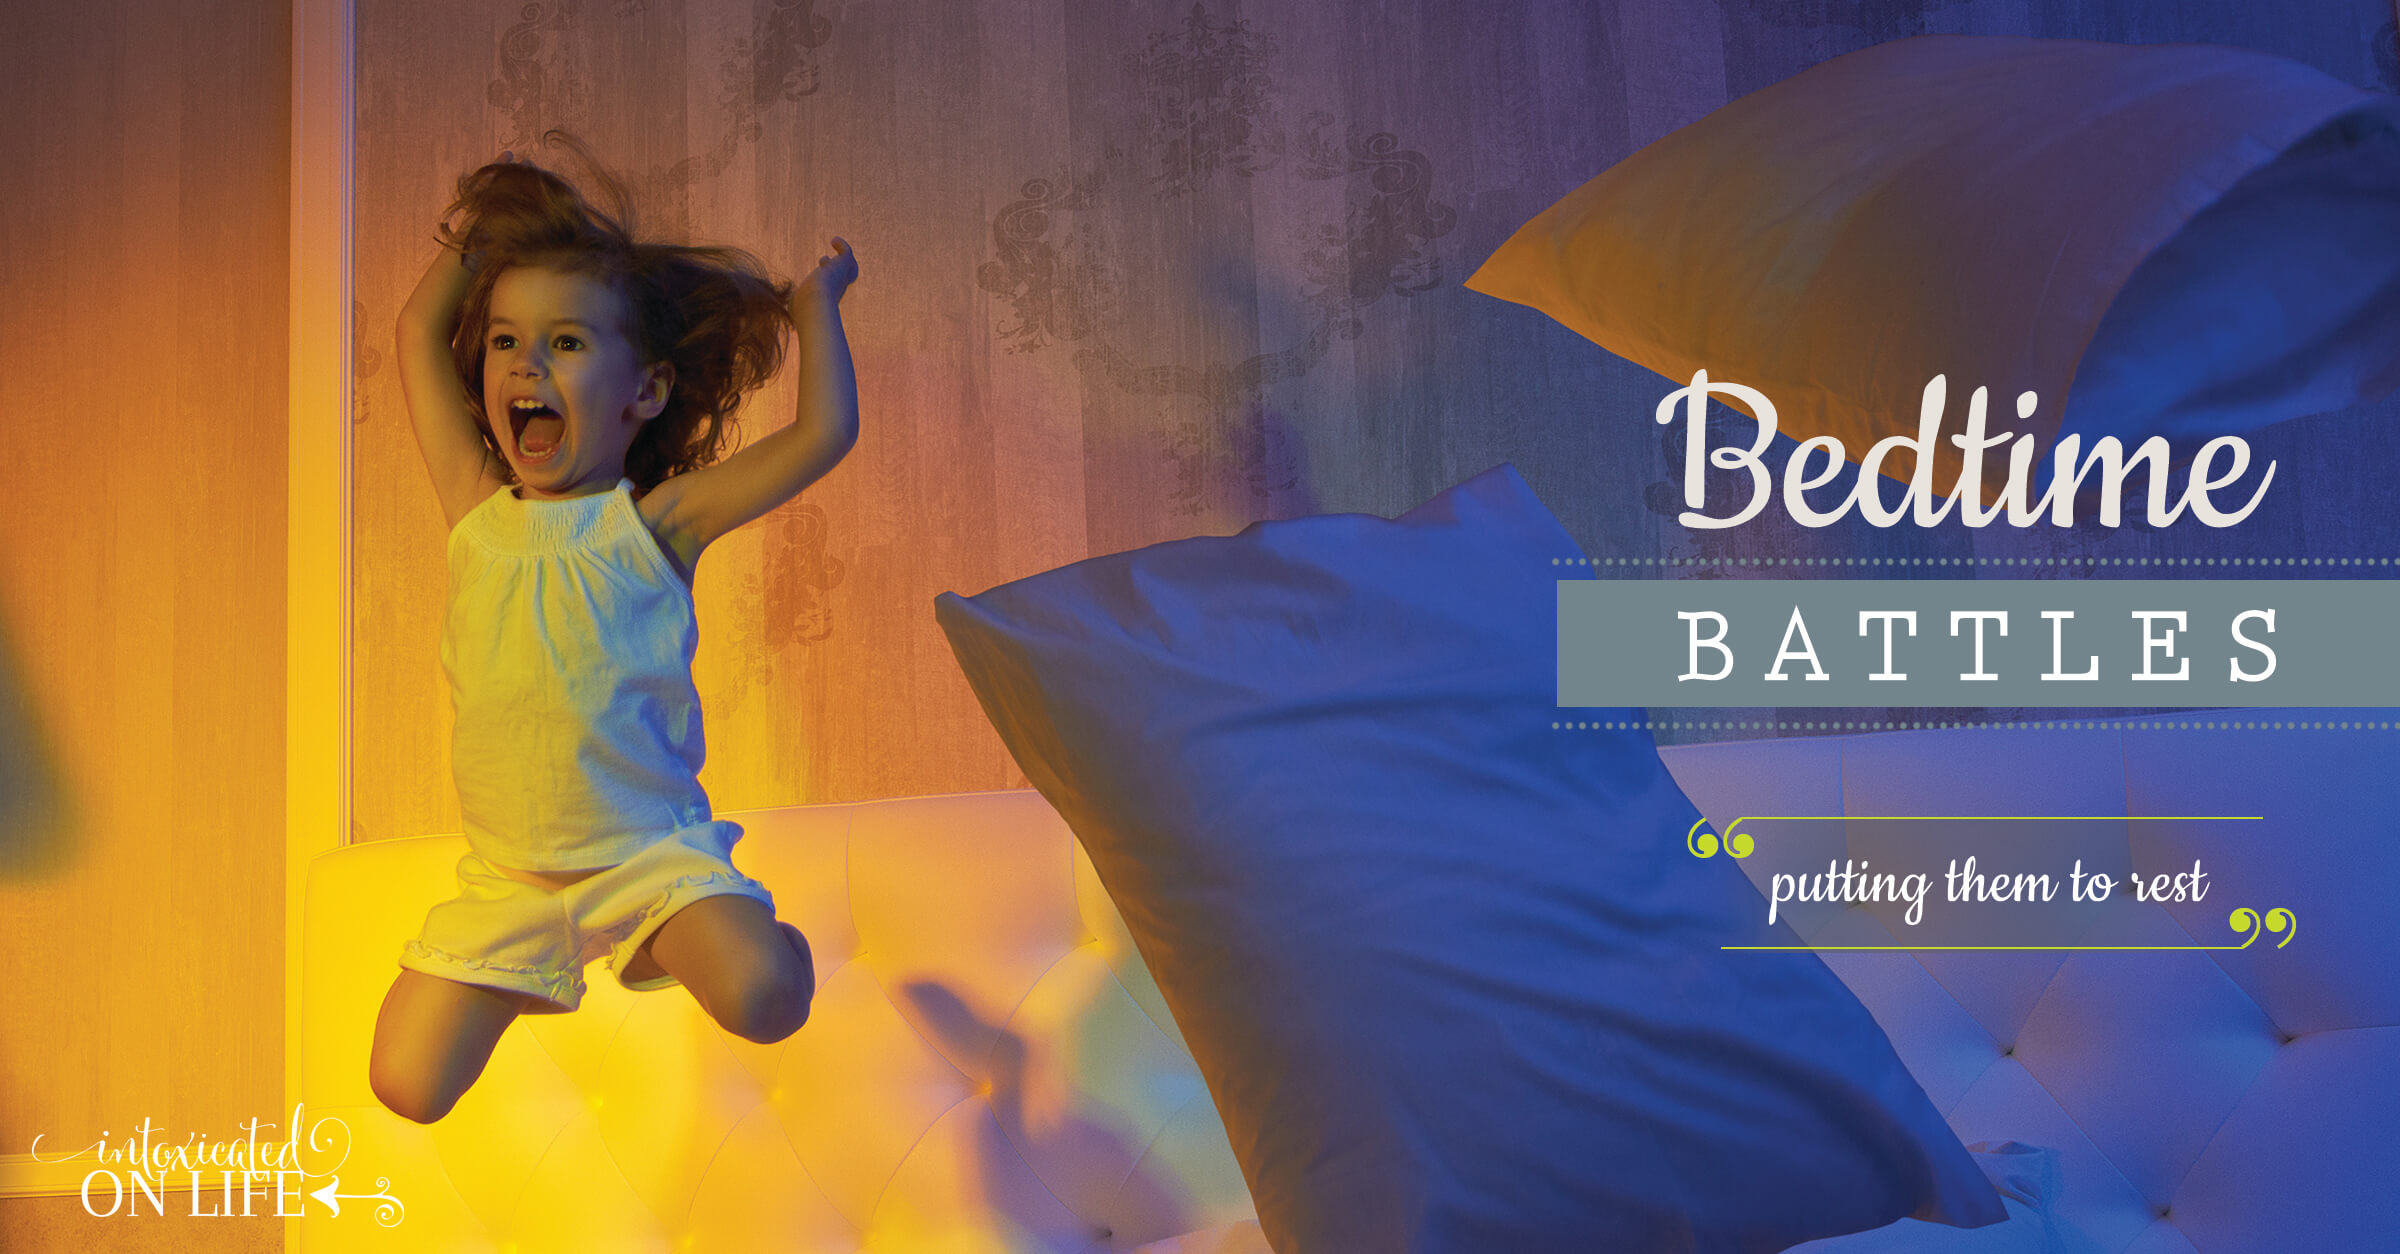 BedtimeBattle_fb (1)